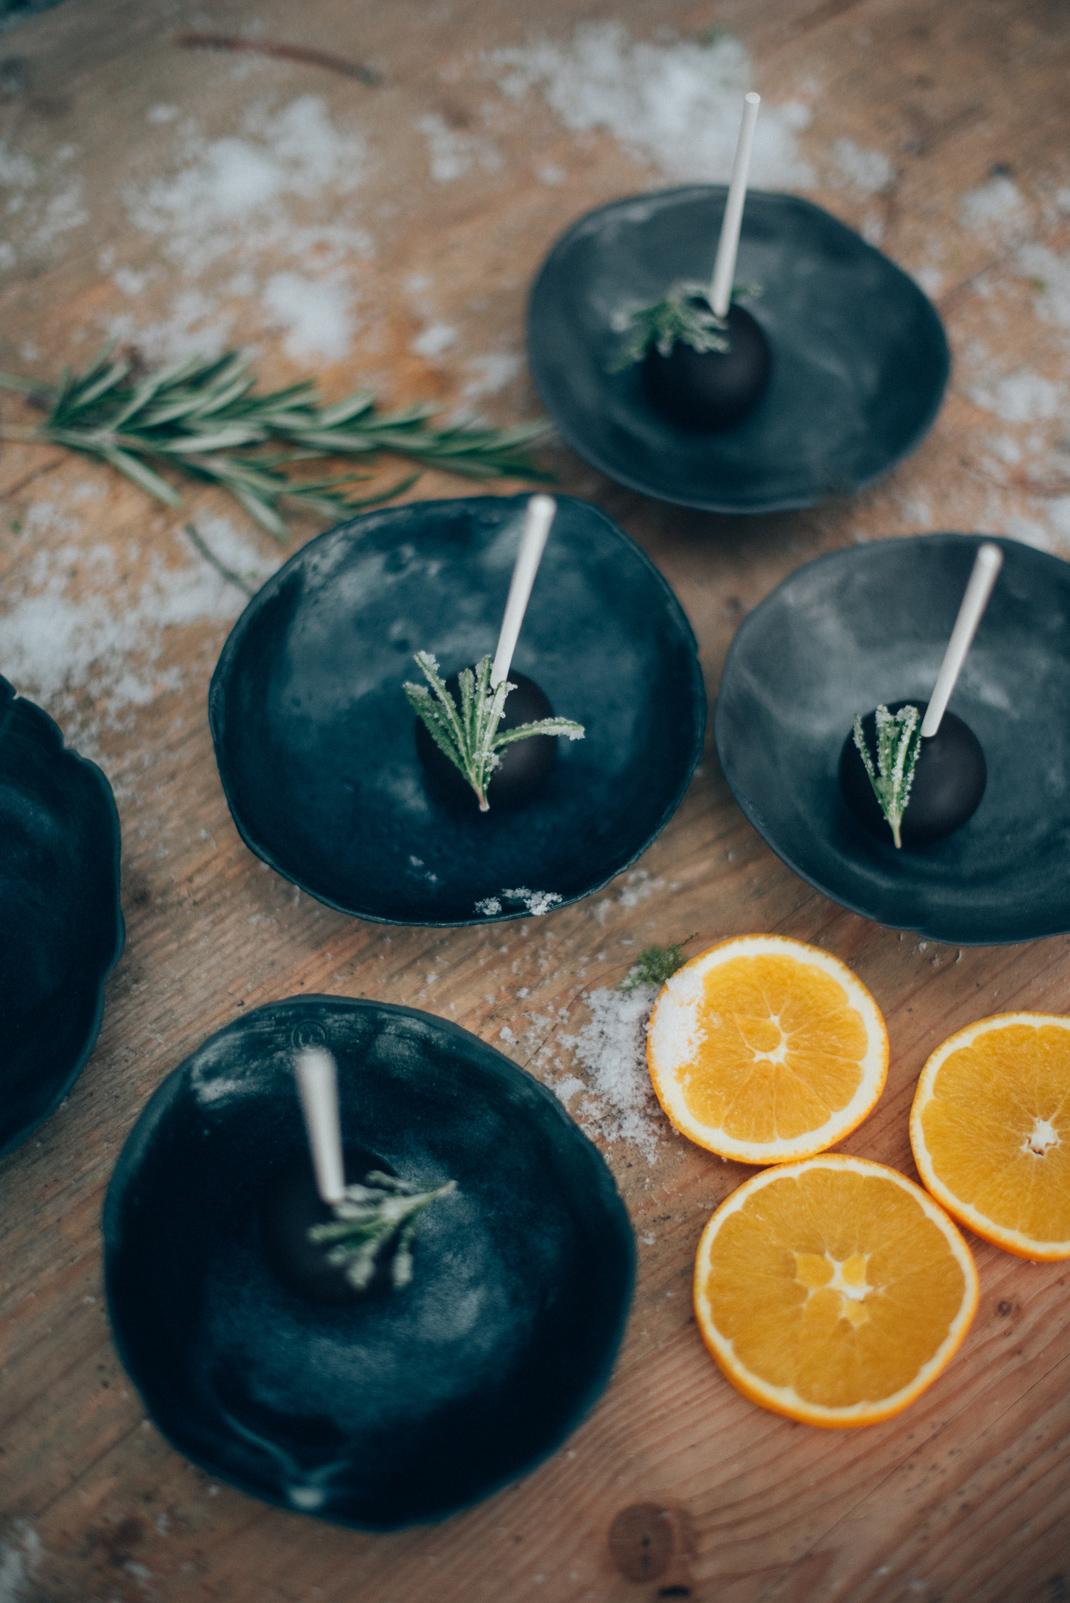 Schokolade Orangen Cake Pops. Bestes Rezept der Welt. Silvia Fischer. echte kuchenliebe